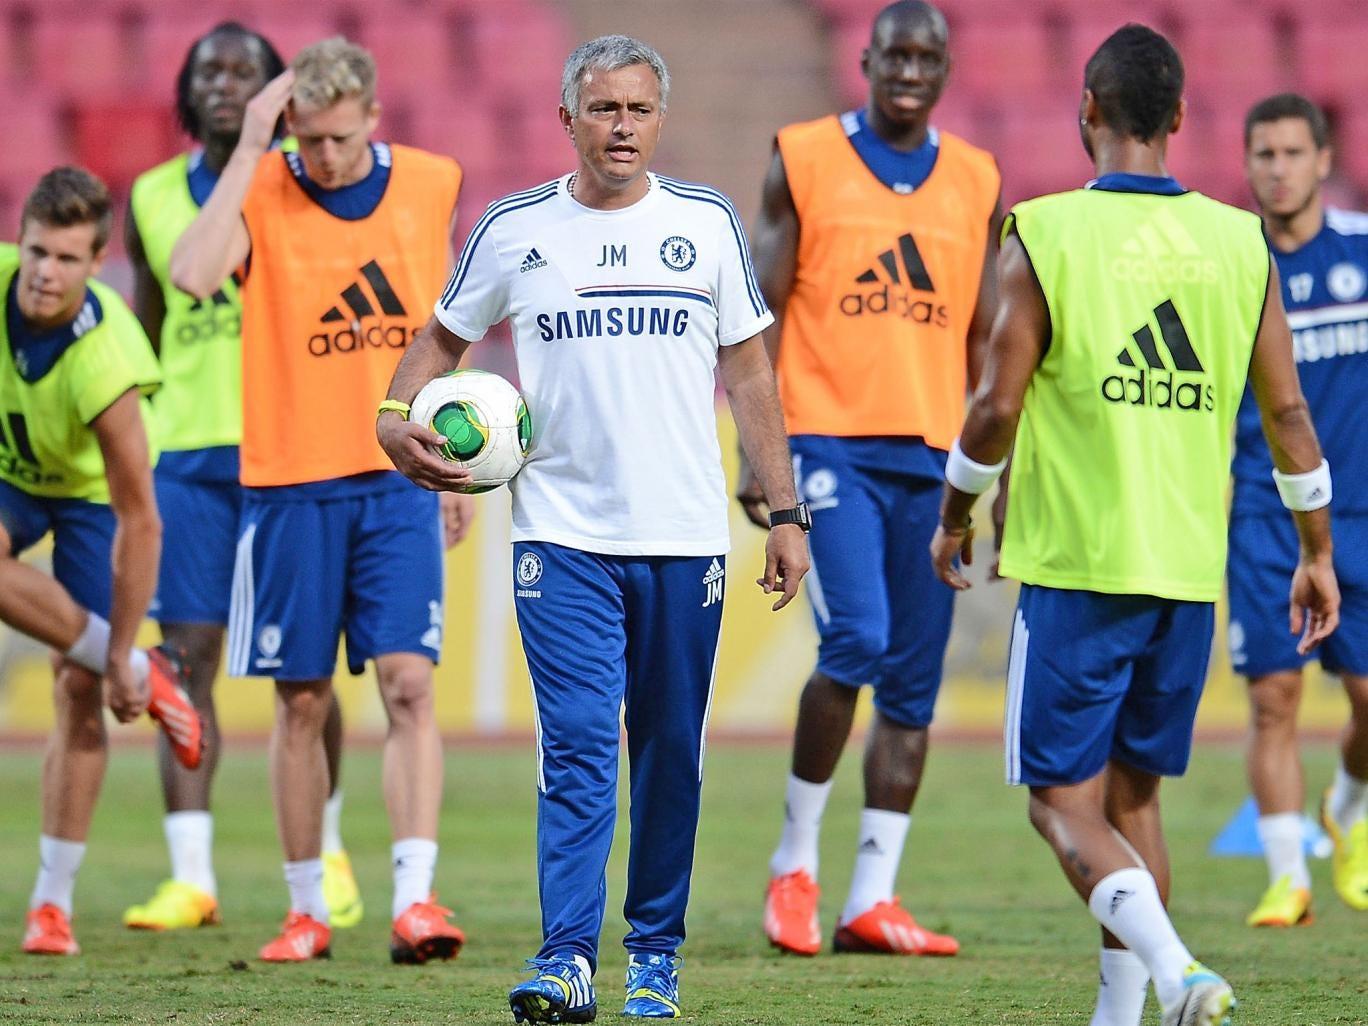 Chelsea manager Jose Mourinho takes a training session at Rajamangala Stadium, Bangkok